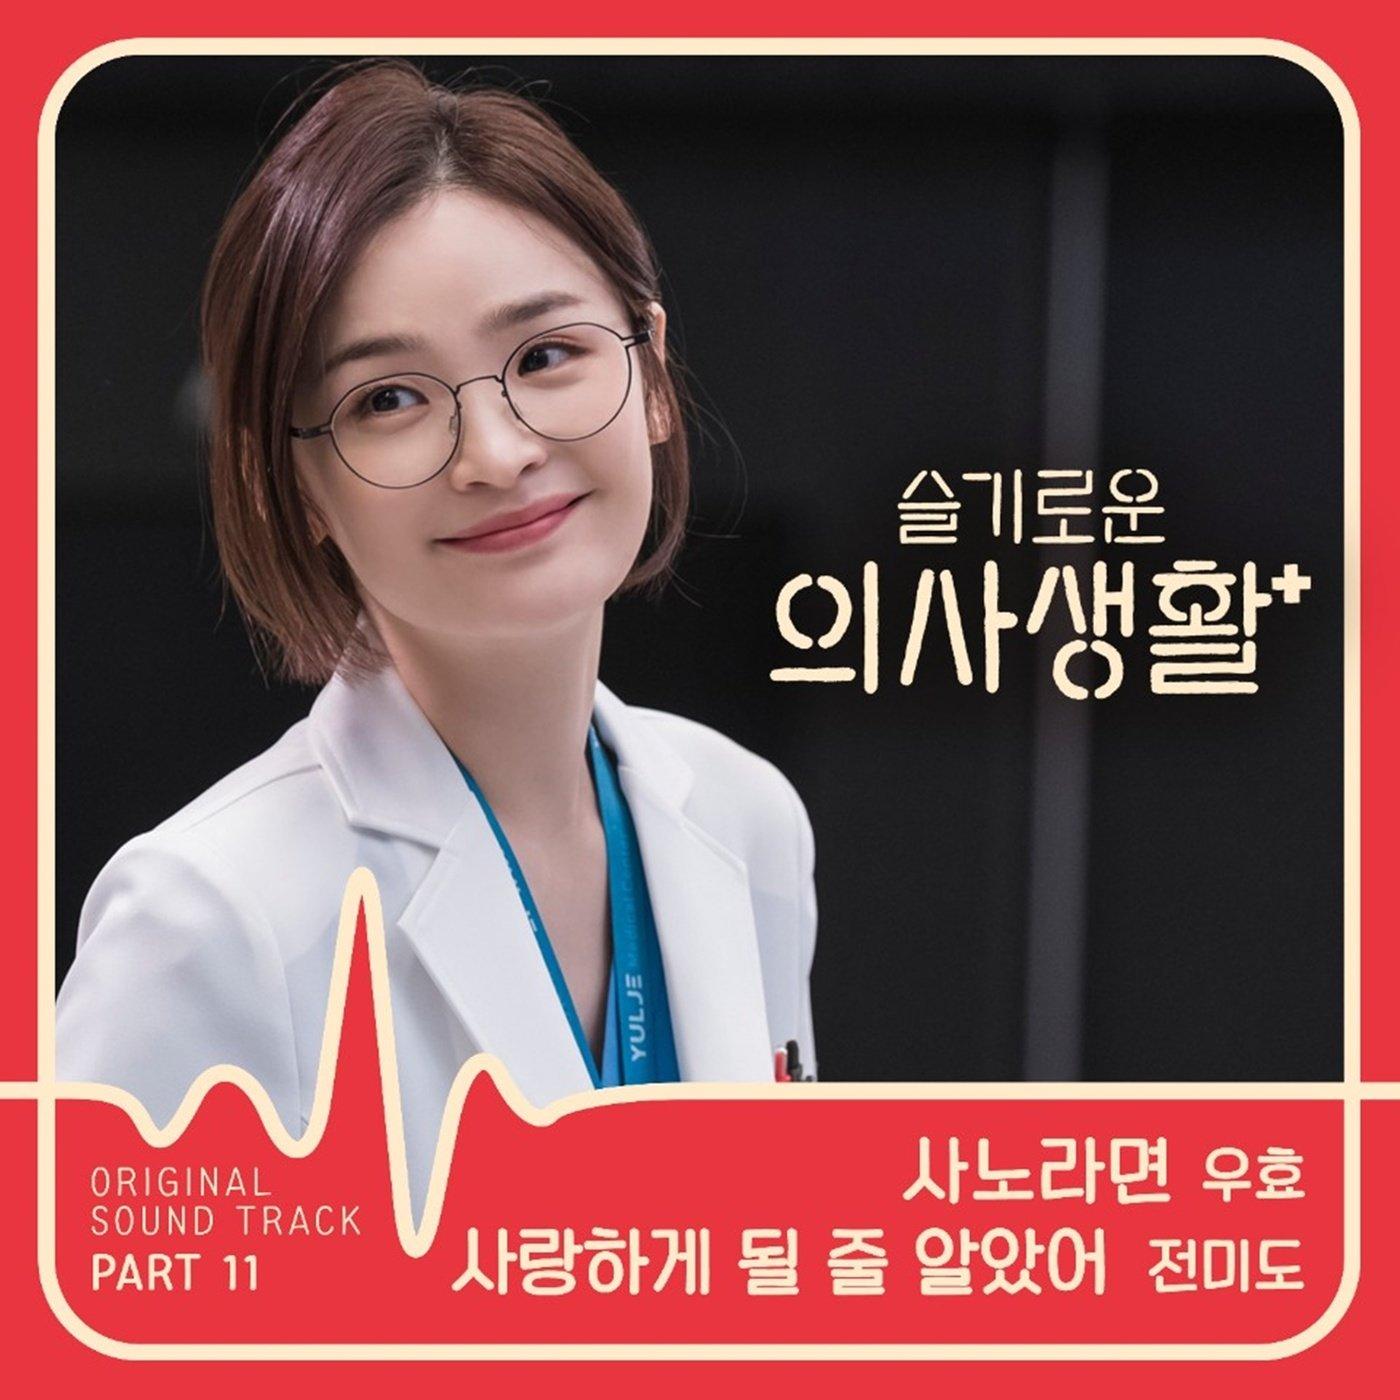 전미도, 진짜 가창력 나온다…'슬의생' OST 오늘(22일) 정오 발매